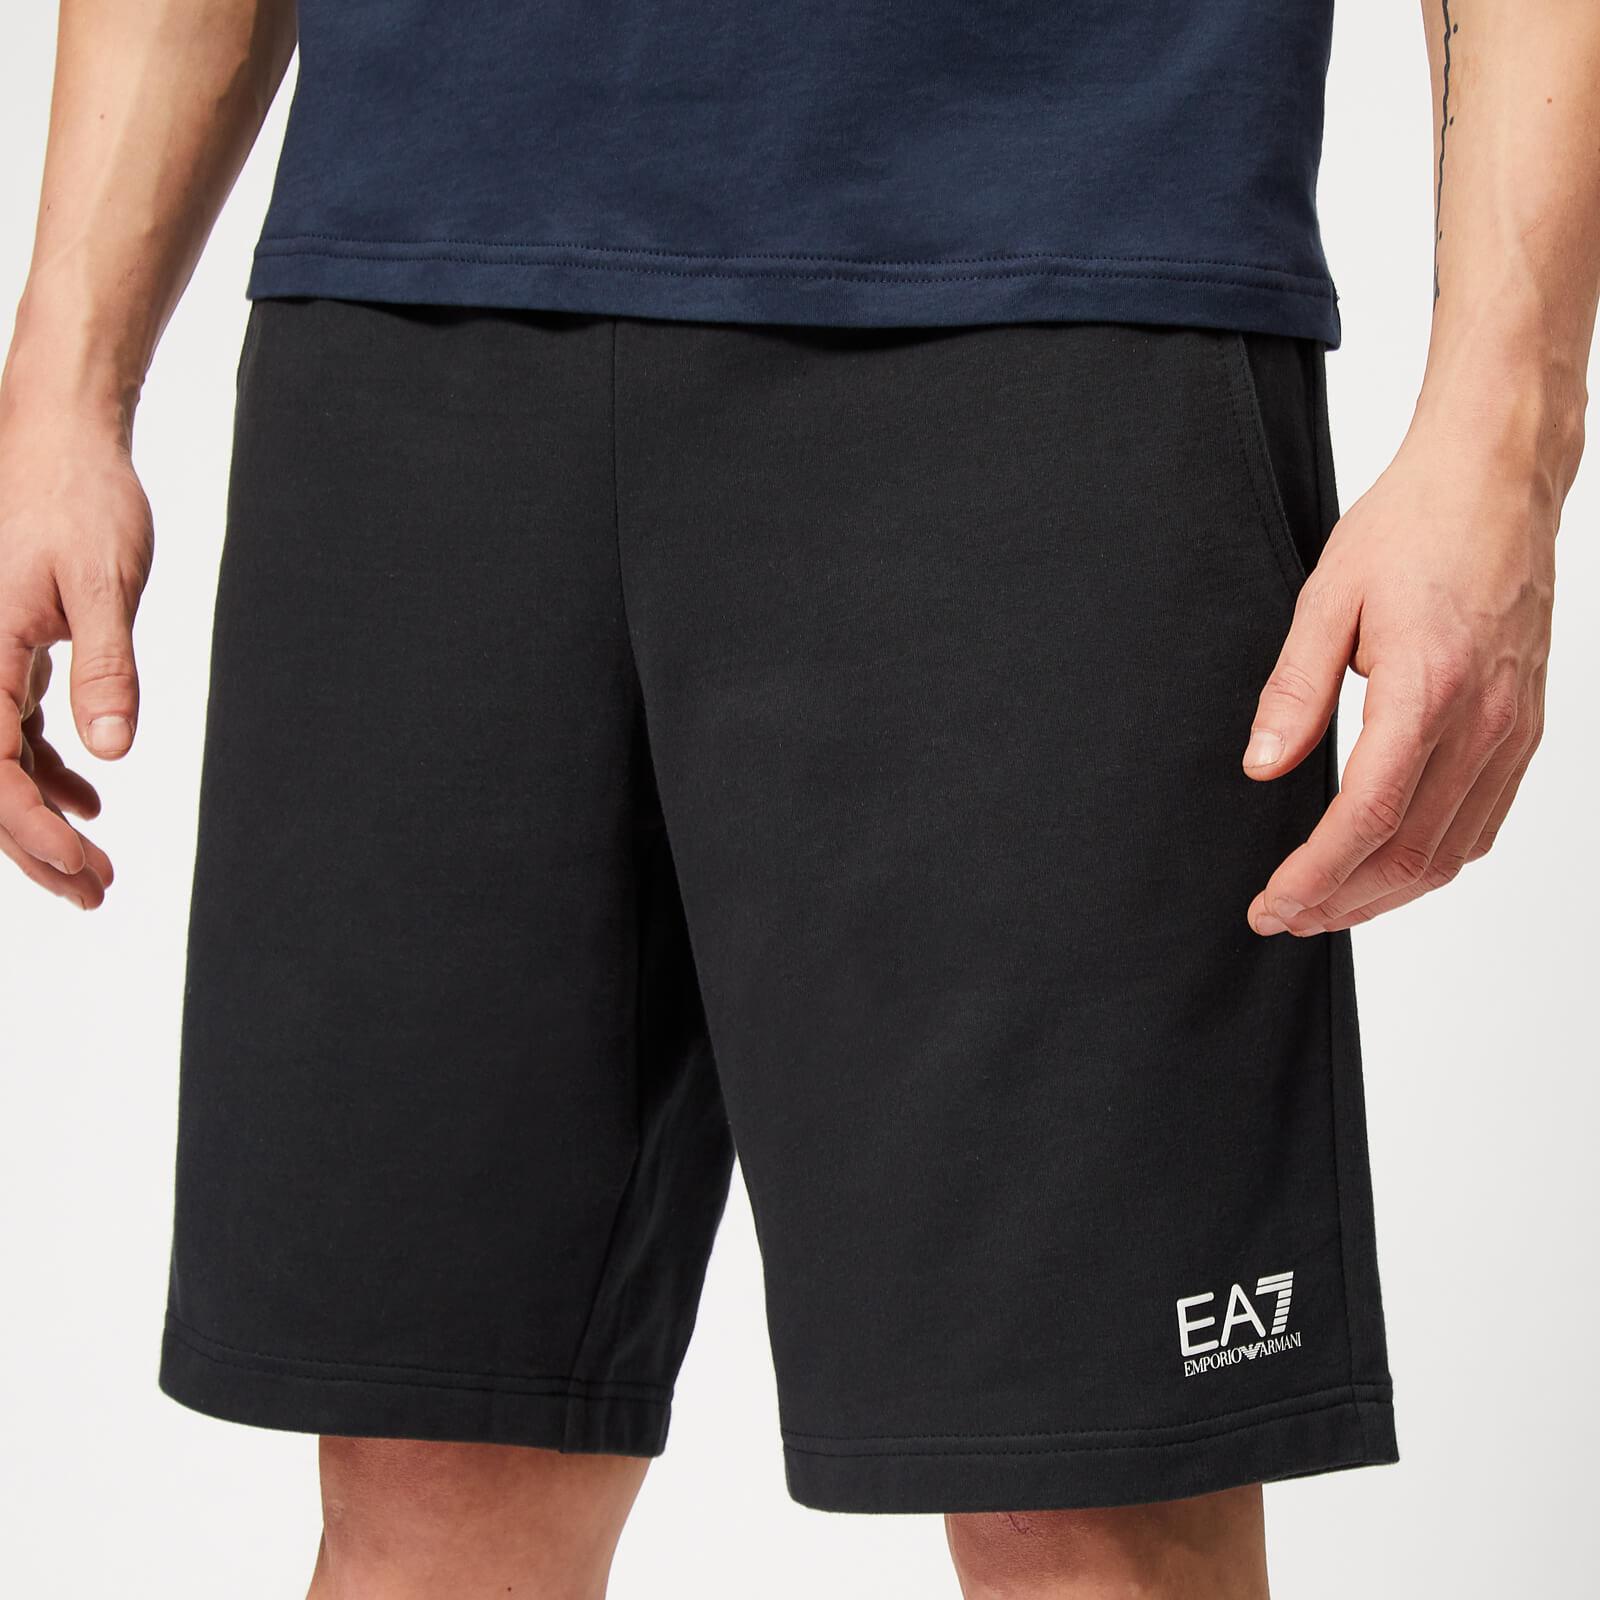 98b2aff1fe Emporio Armani EA7 Men's Train Core Bermuda Shorts - Night Blue